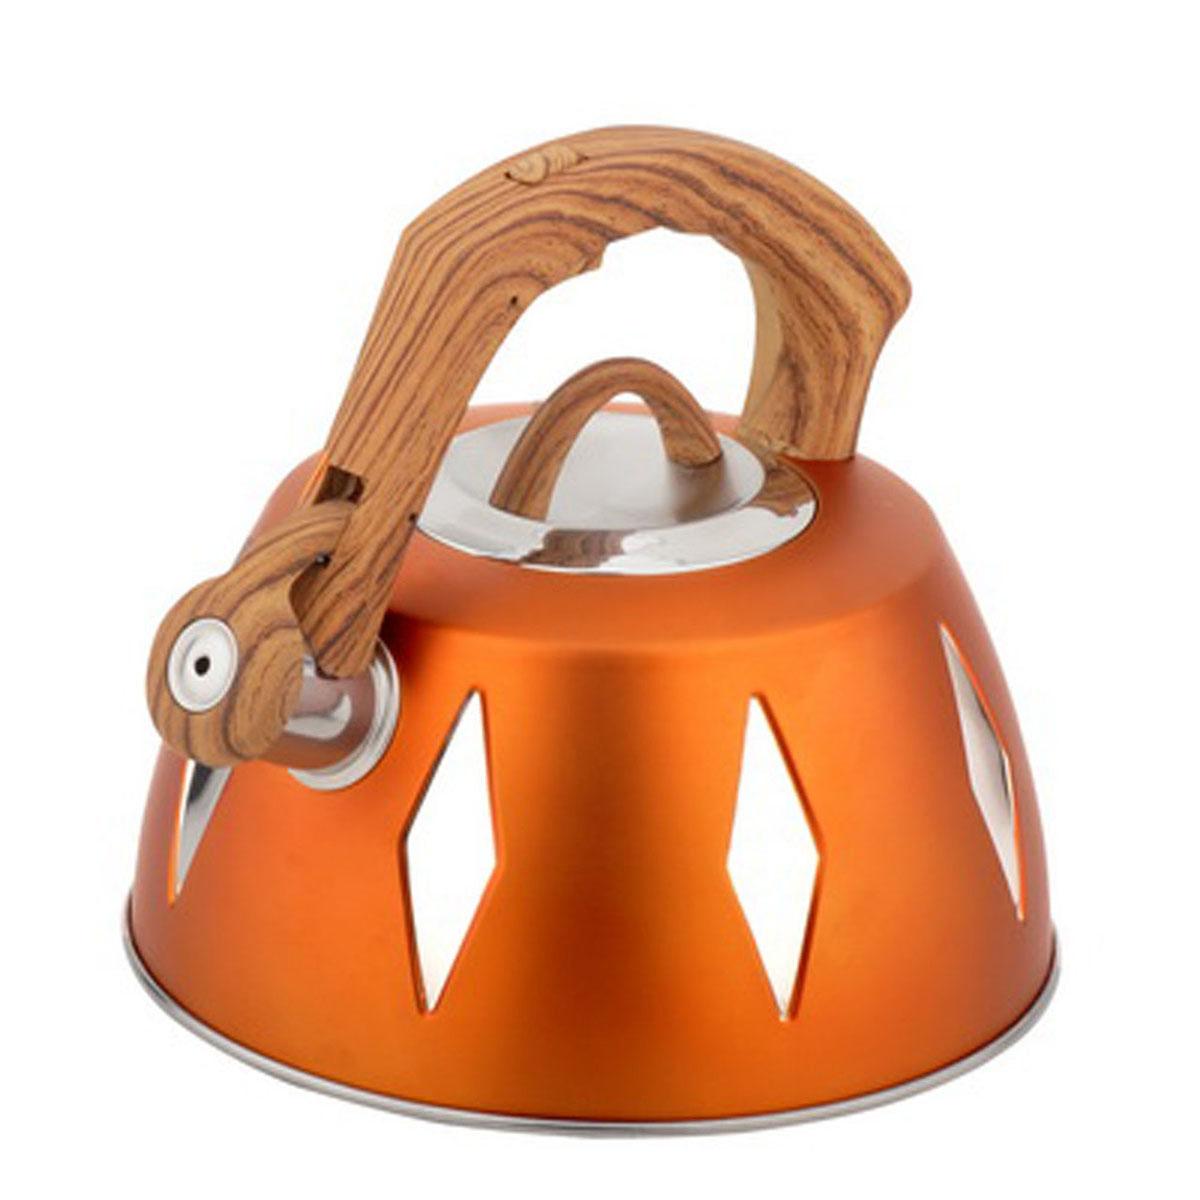 Чайник Bohmann со свистком, 3,5 л, цвет: оранжевый. BH-99689968BHNEWЧайник Bohmann изготовлен из высококачественной нержавеющей стали с цветным матовым покрытием. Нержавеющая сталь - материал, из которого в течение нескольких десятилетий во всем мире производятся столовые приборы, кухонные инструменты и различные аксессуары. Этот материал обладает высокой стойкостью к коррозии и кислотам. Прочность, долговечность и надежность этого материала, а также первоклассная обработка обеспечивают практически неограниченный запас прочности и неизменно привлекательный внешний вид. Капсульное дно позволяет изделию быстро нагреваться и дольше сохранять тепло. Чайник оснащен фиксированной прорезиненной цветной ручкой, что предотвращает появление ожогов и обеспечивает безопасность использования. Носик чайника имеет откидной свисток, который подскажет, когда вода закипела. Можно использовать на газовых, электрических, галогенных, стеклокерамических, индукционных плитах. Можно мыть в посудомоечной машине. Высота чайника (без учета ручки и крышки): 11,2 см. Высота чайника (с учетом ручки): 20 см. Диаметр основания чайника: 22,3 см. Диаметр чайника (по верхнему краю): 9,5 см.